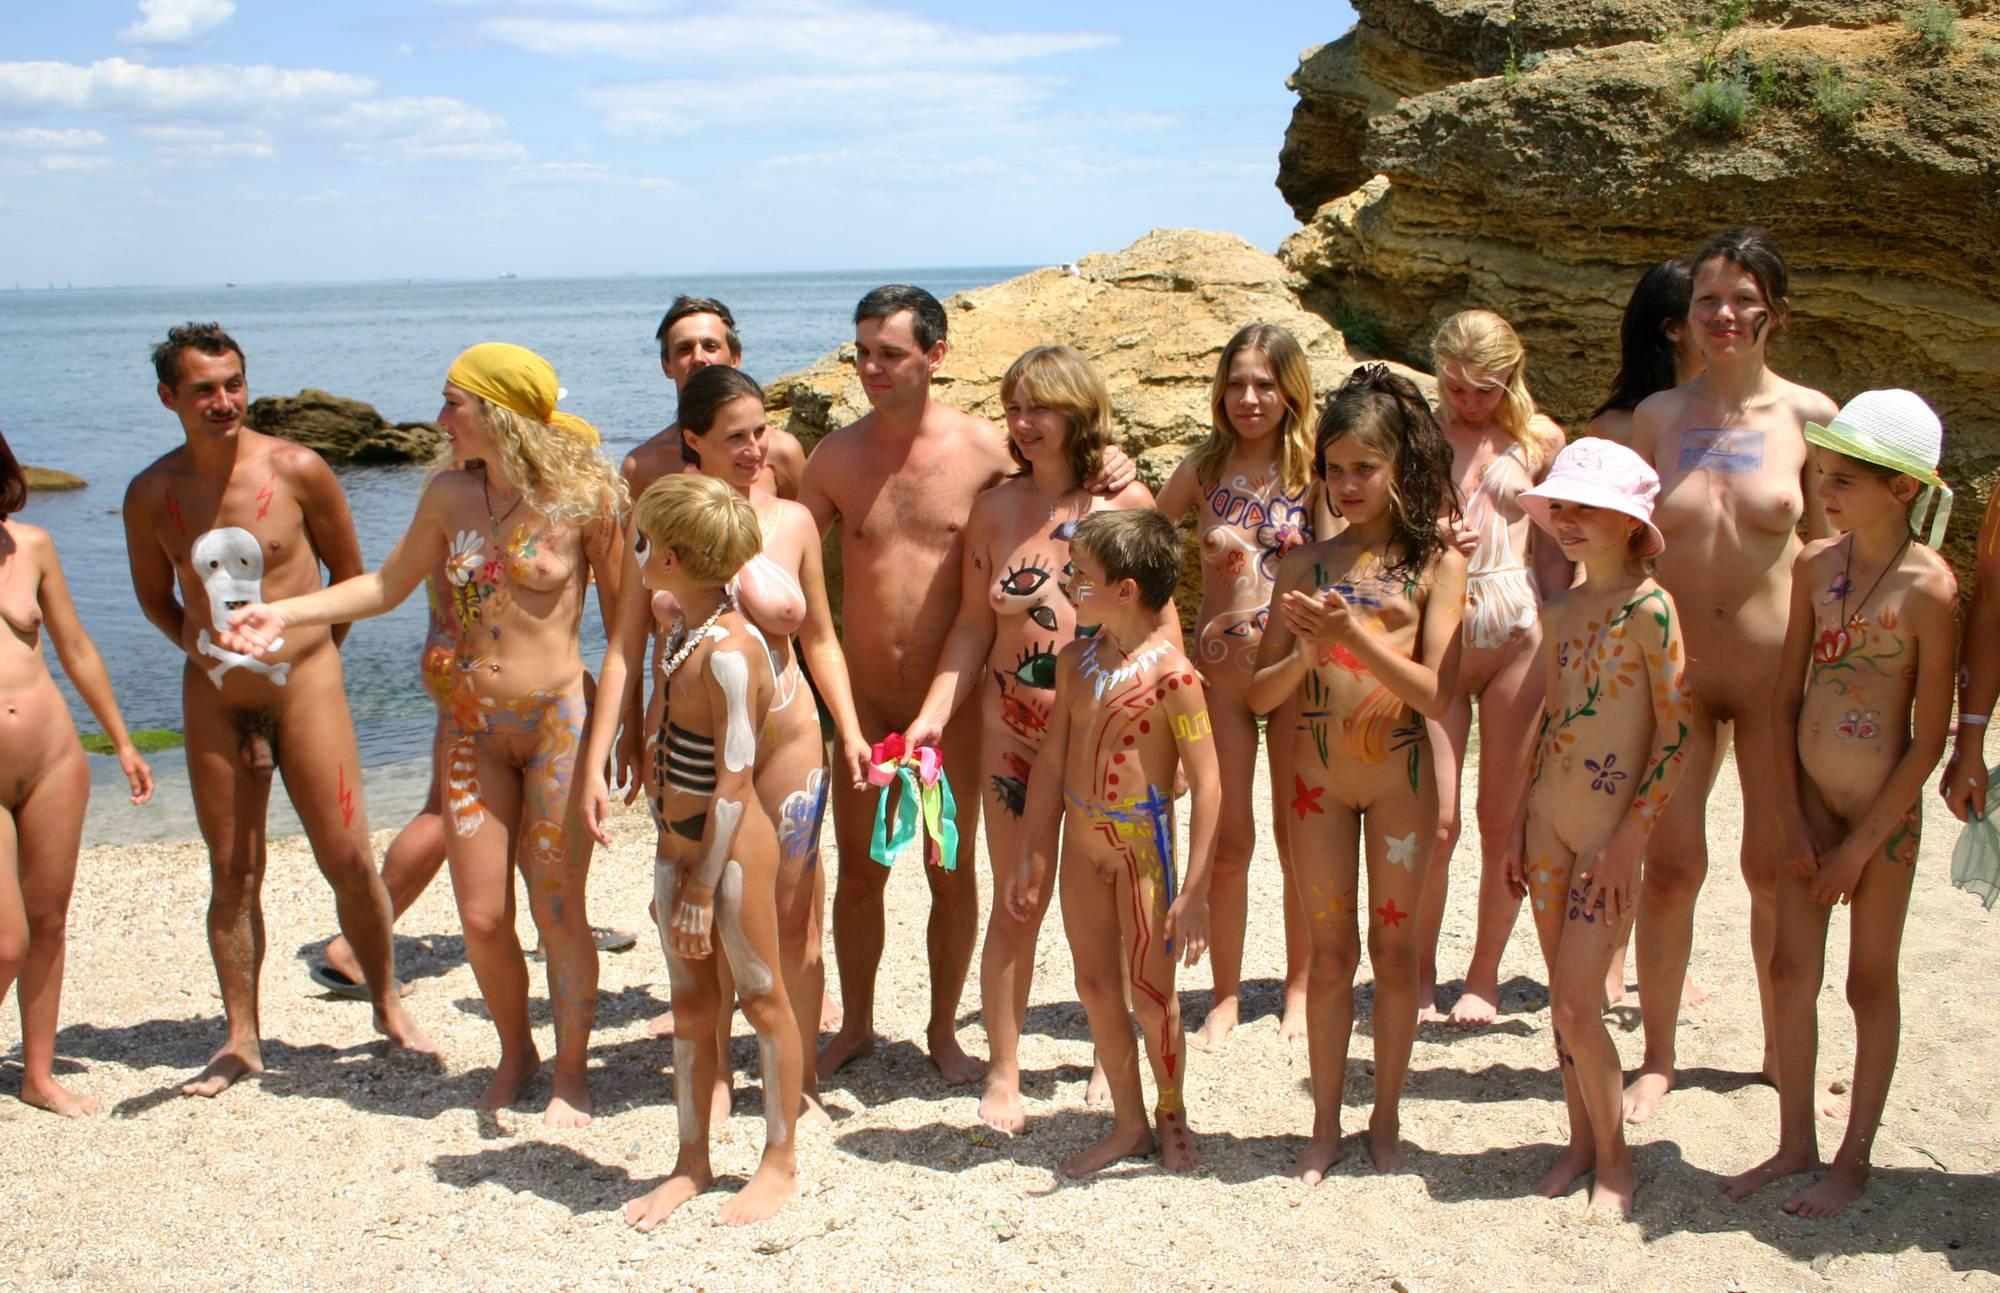 Sand Beach Group Photo - 1